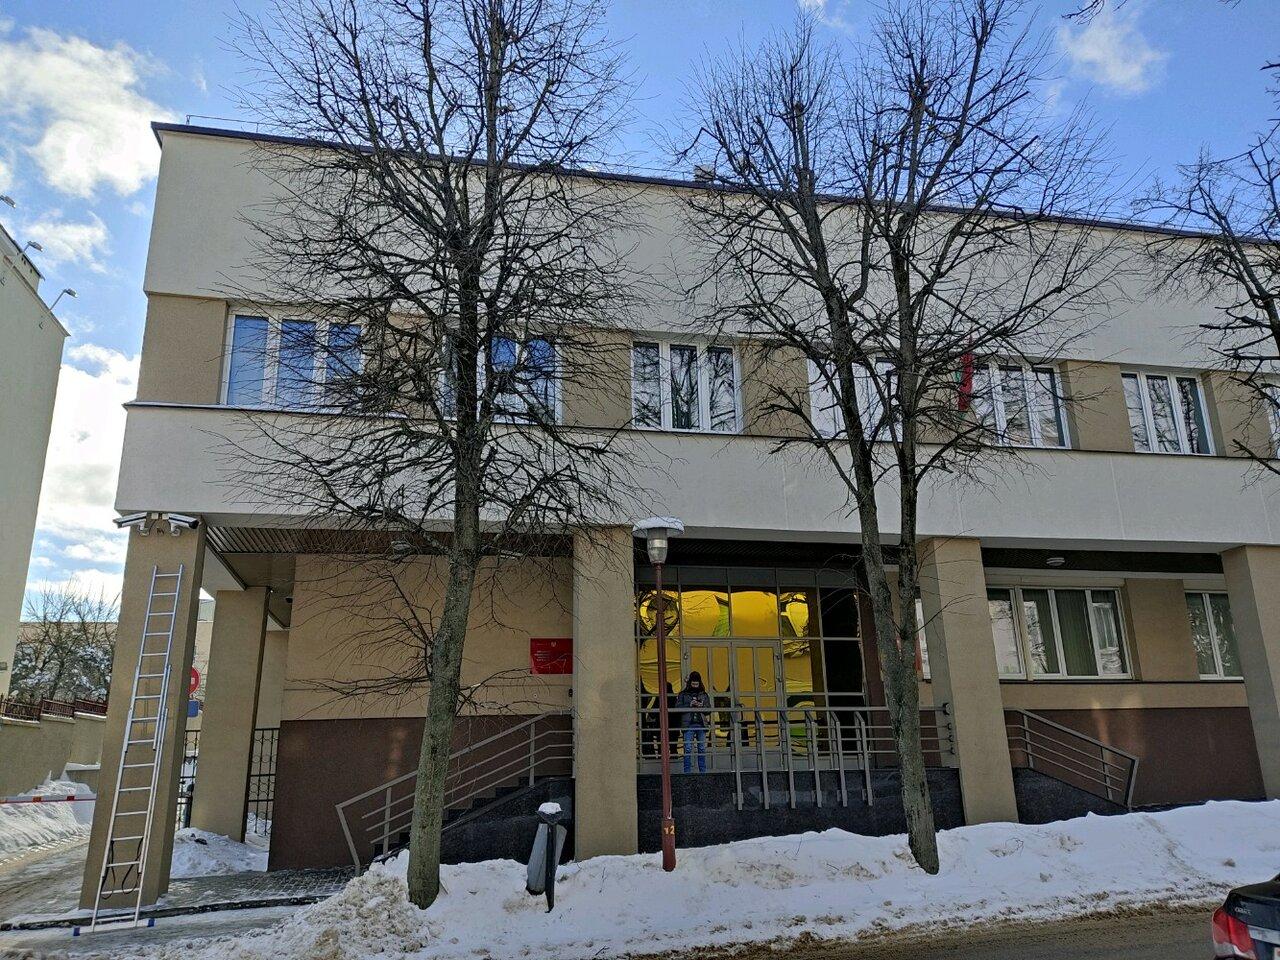 Здание КГК в Гродно. Виден кусок одной из вывесок. Гамма цветов — бело-красно-белая. Фото: Гугл.